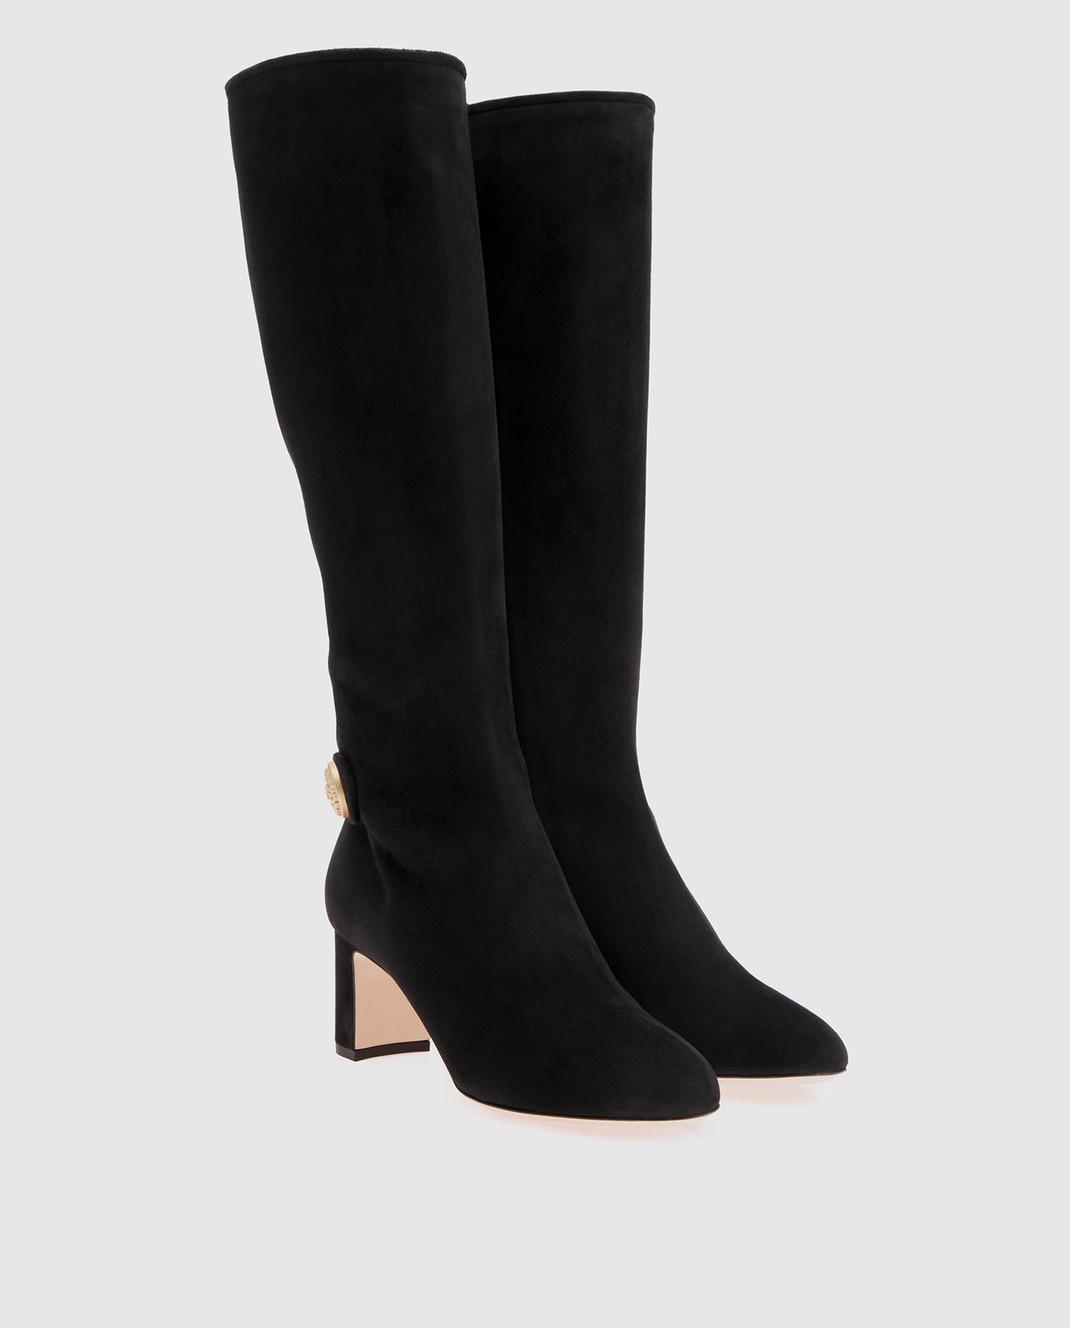 Dolce&Gabbana Черные замшевые сапоги CU0397A1275 изображение 2